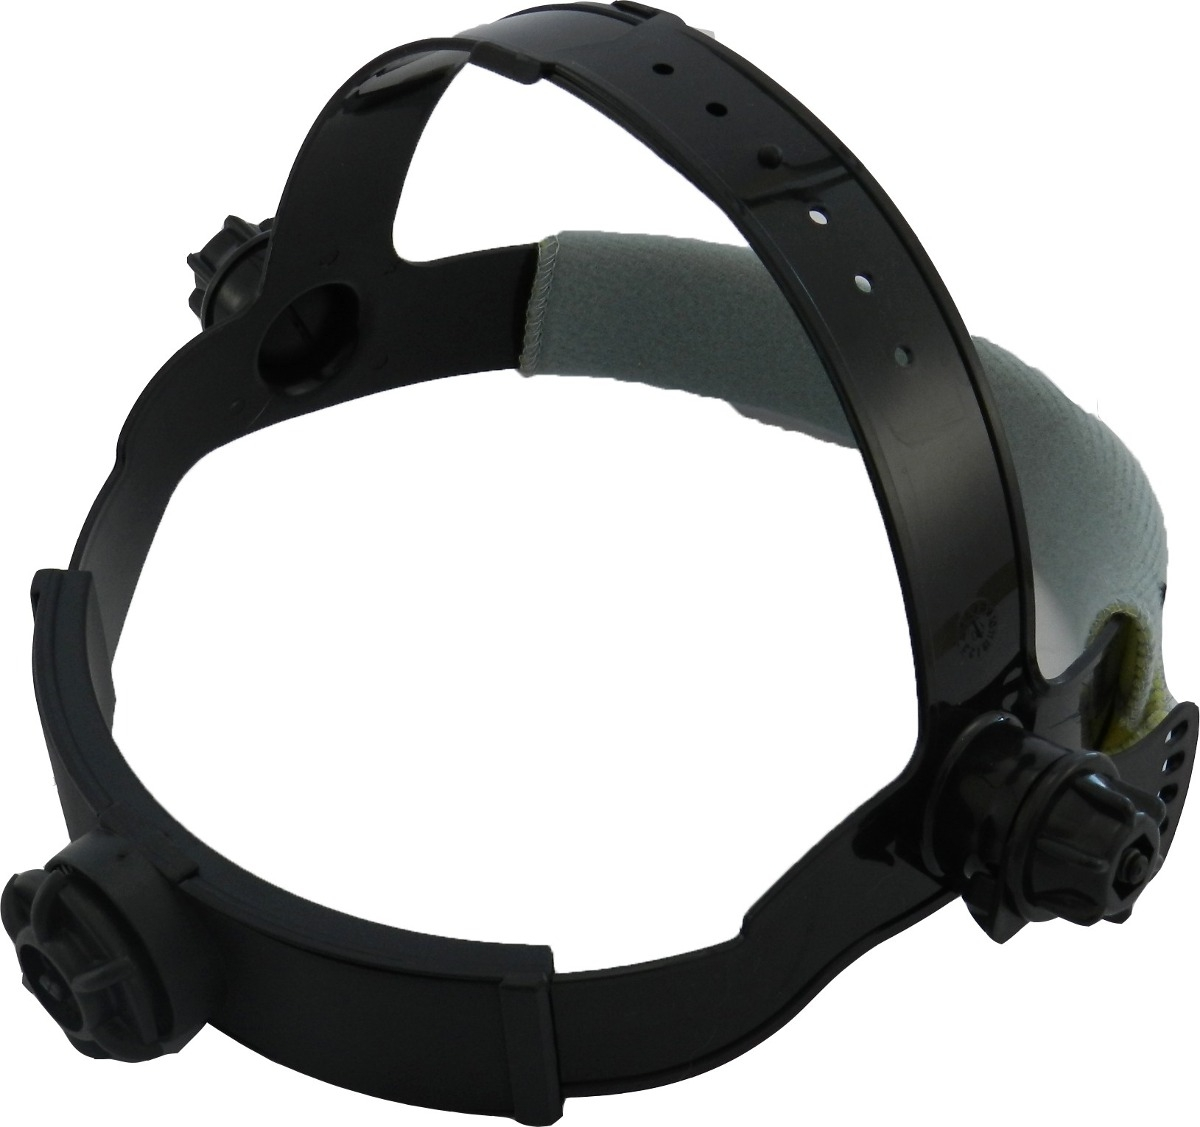 Carneira p/Mascara De Escurecimento Automática